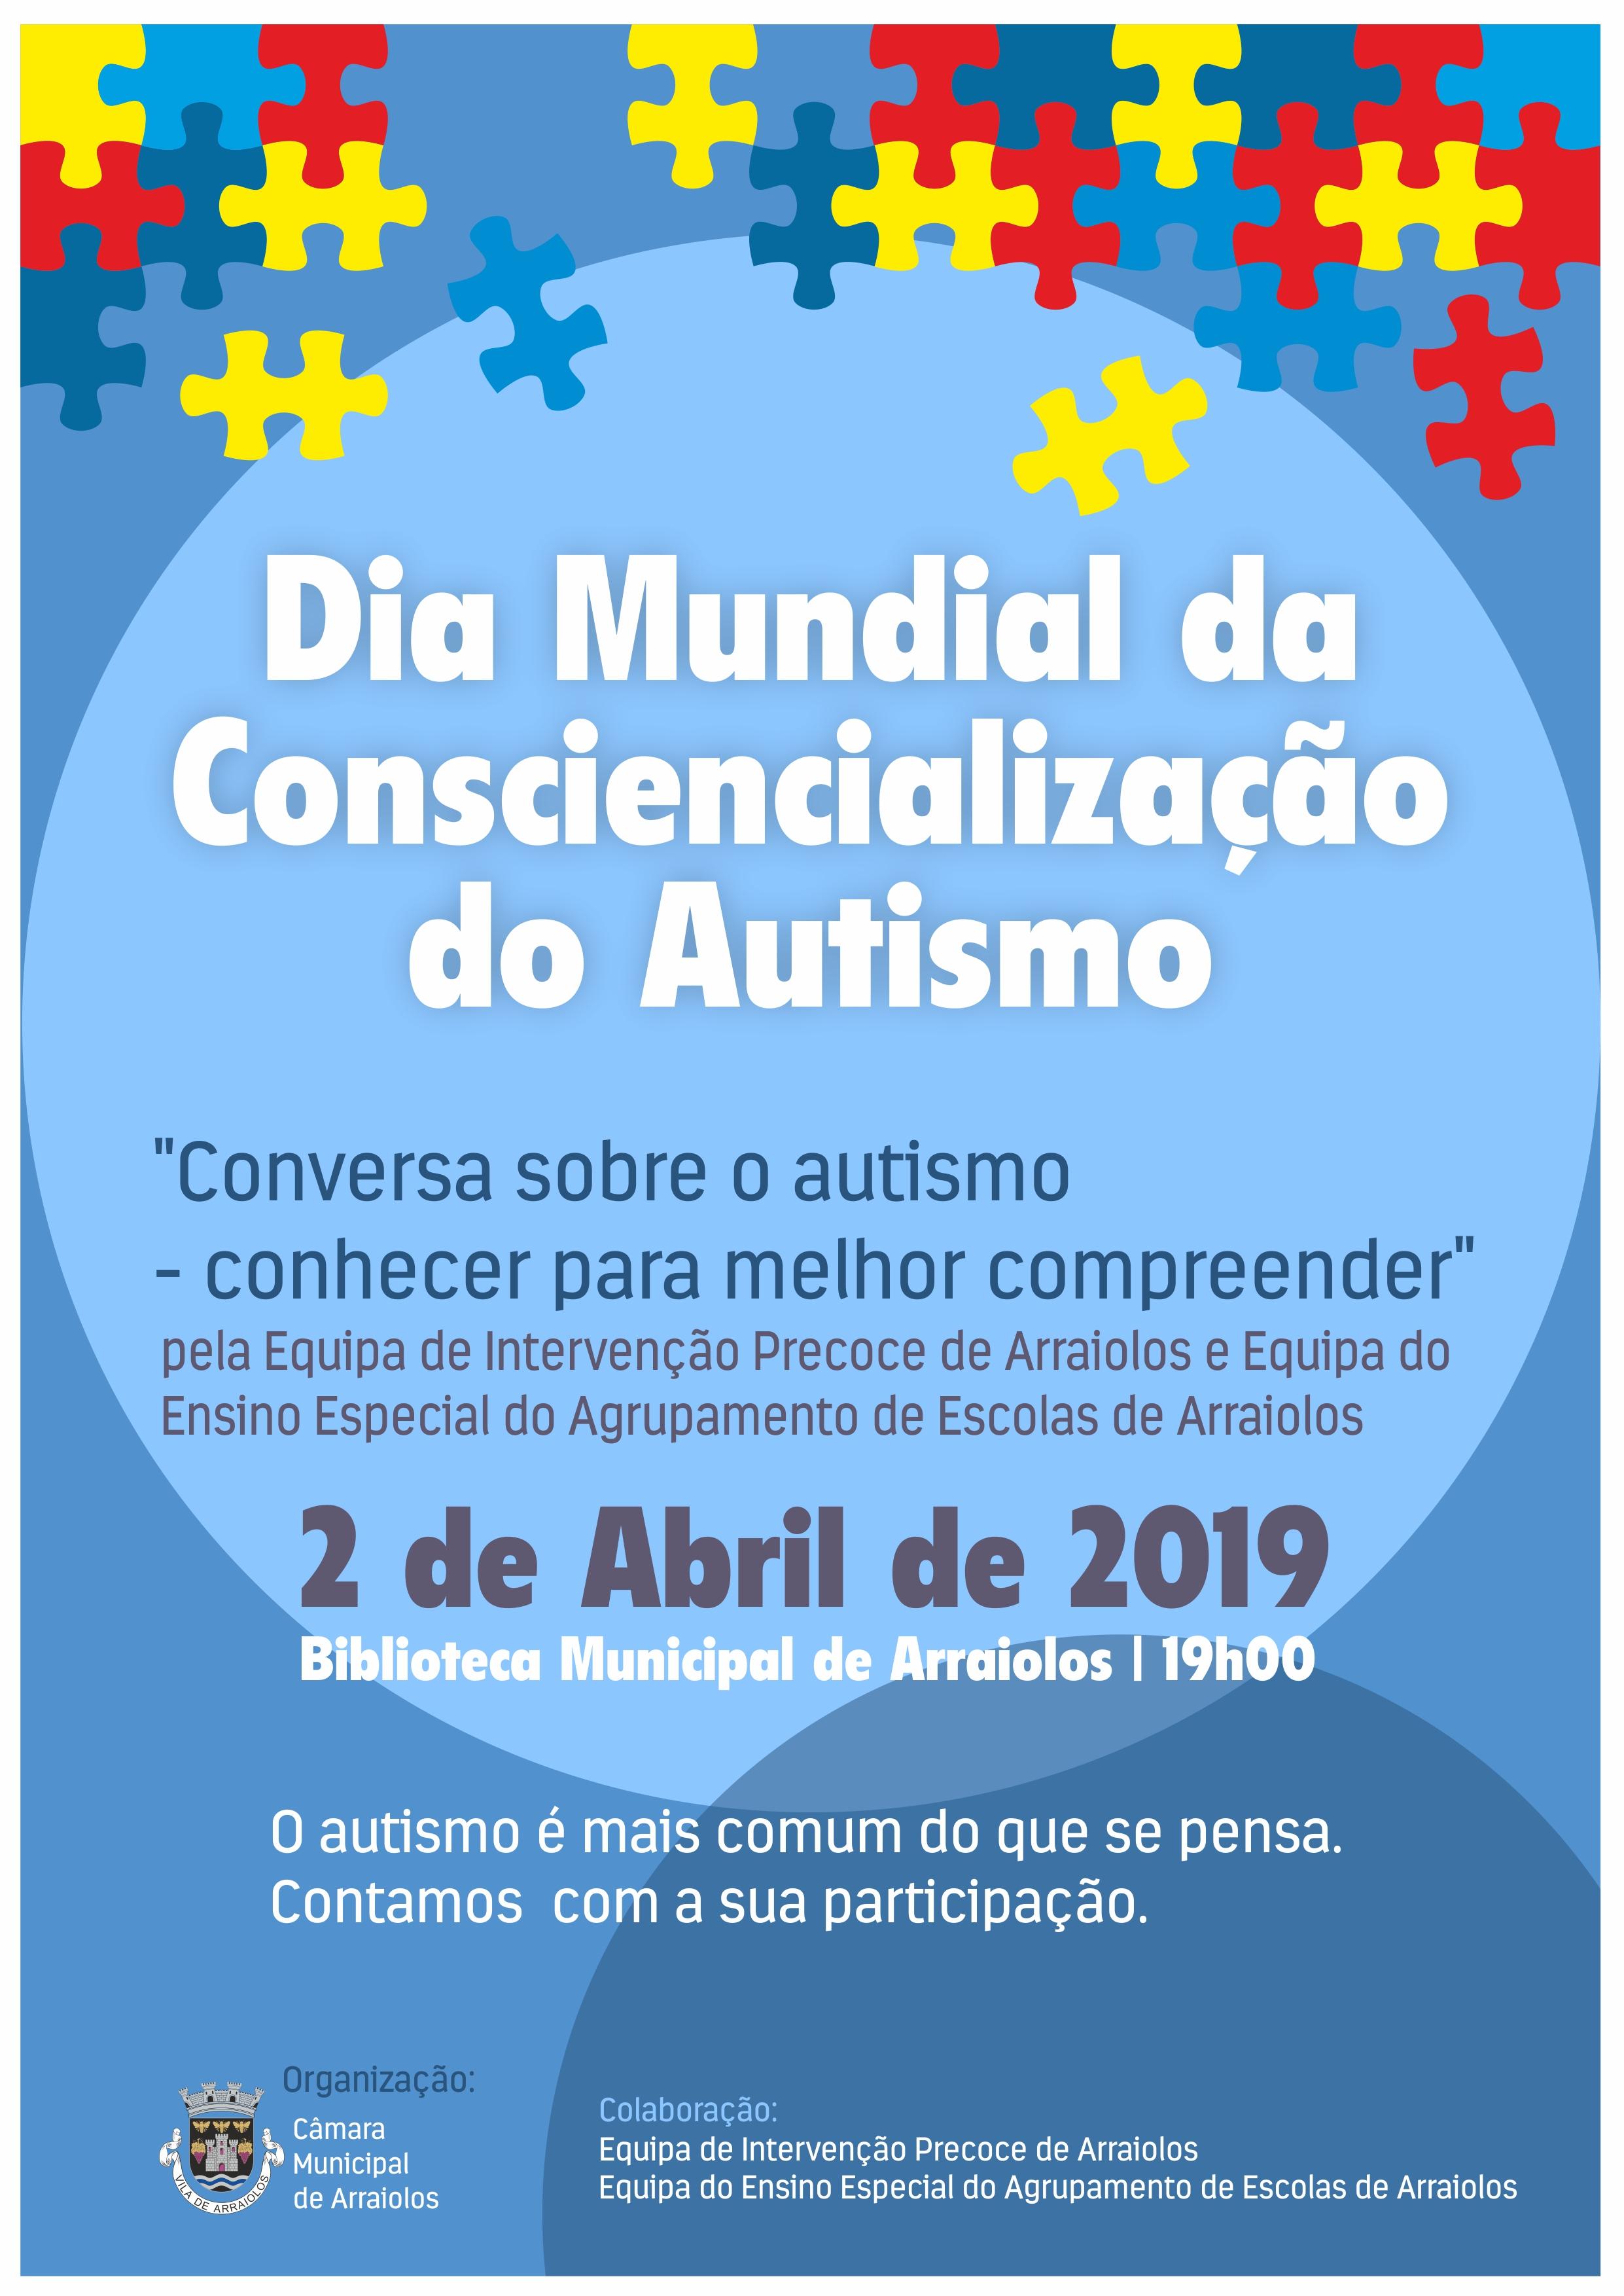 Dia Mundial da Consciencialização do Autismo 2019.jpg